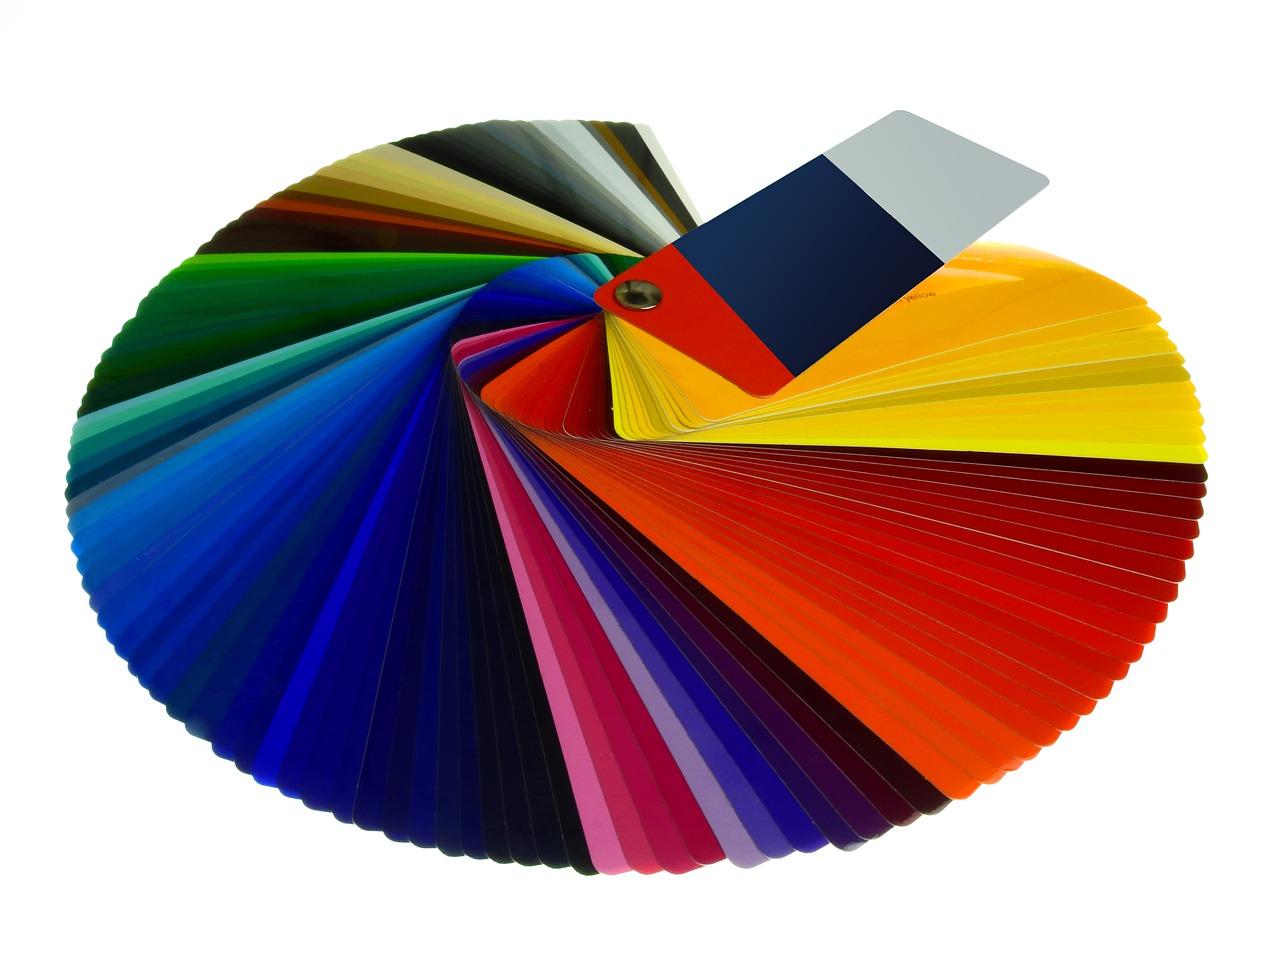 Zasady łączenia kolorów w biżuterii